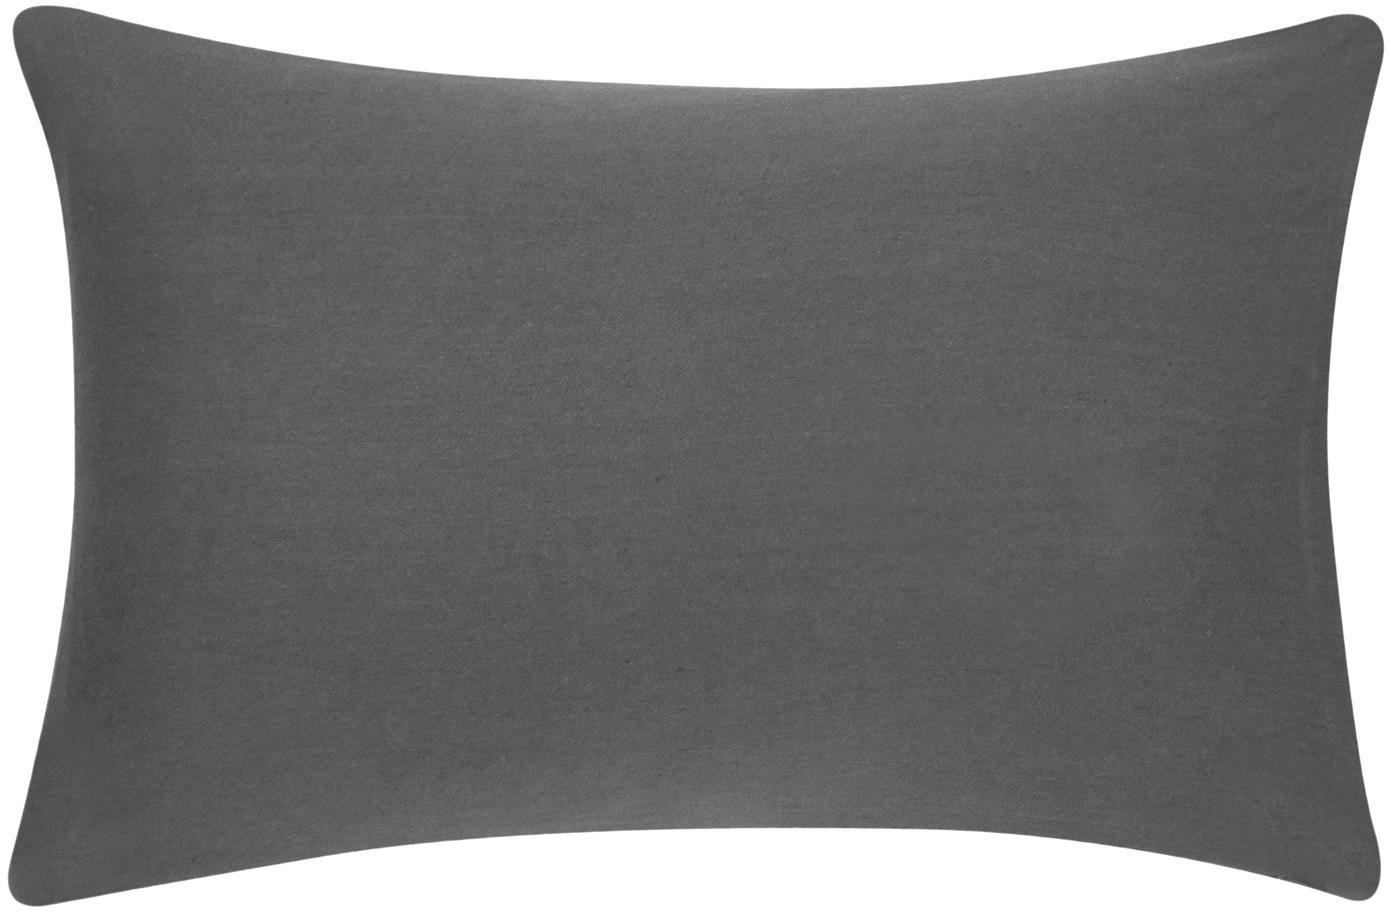 Federa arredo in grigio scuro Mads, 100% cotone, Grigio scuro, Larg. 30 x Lung. 50 cm